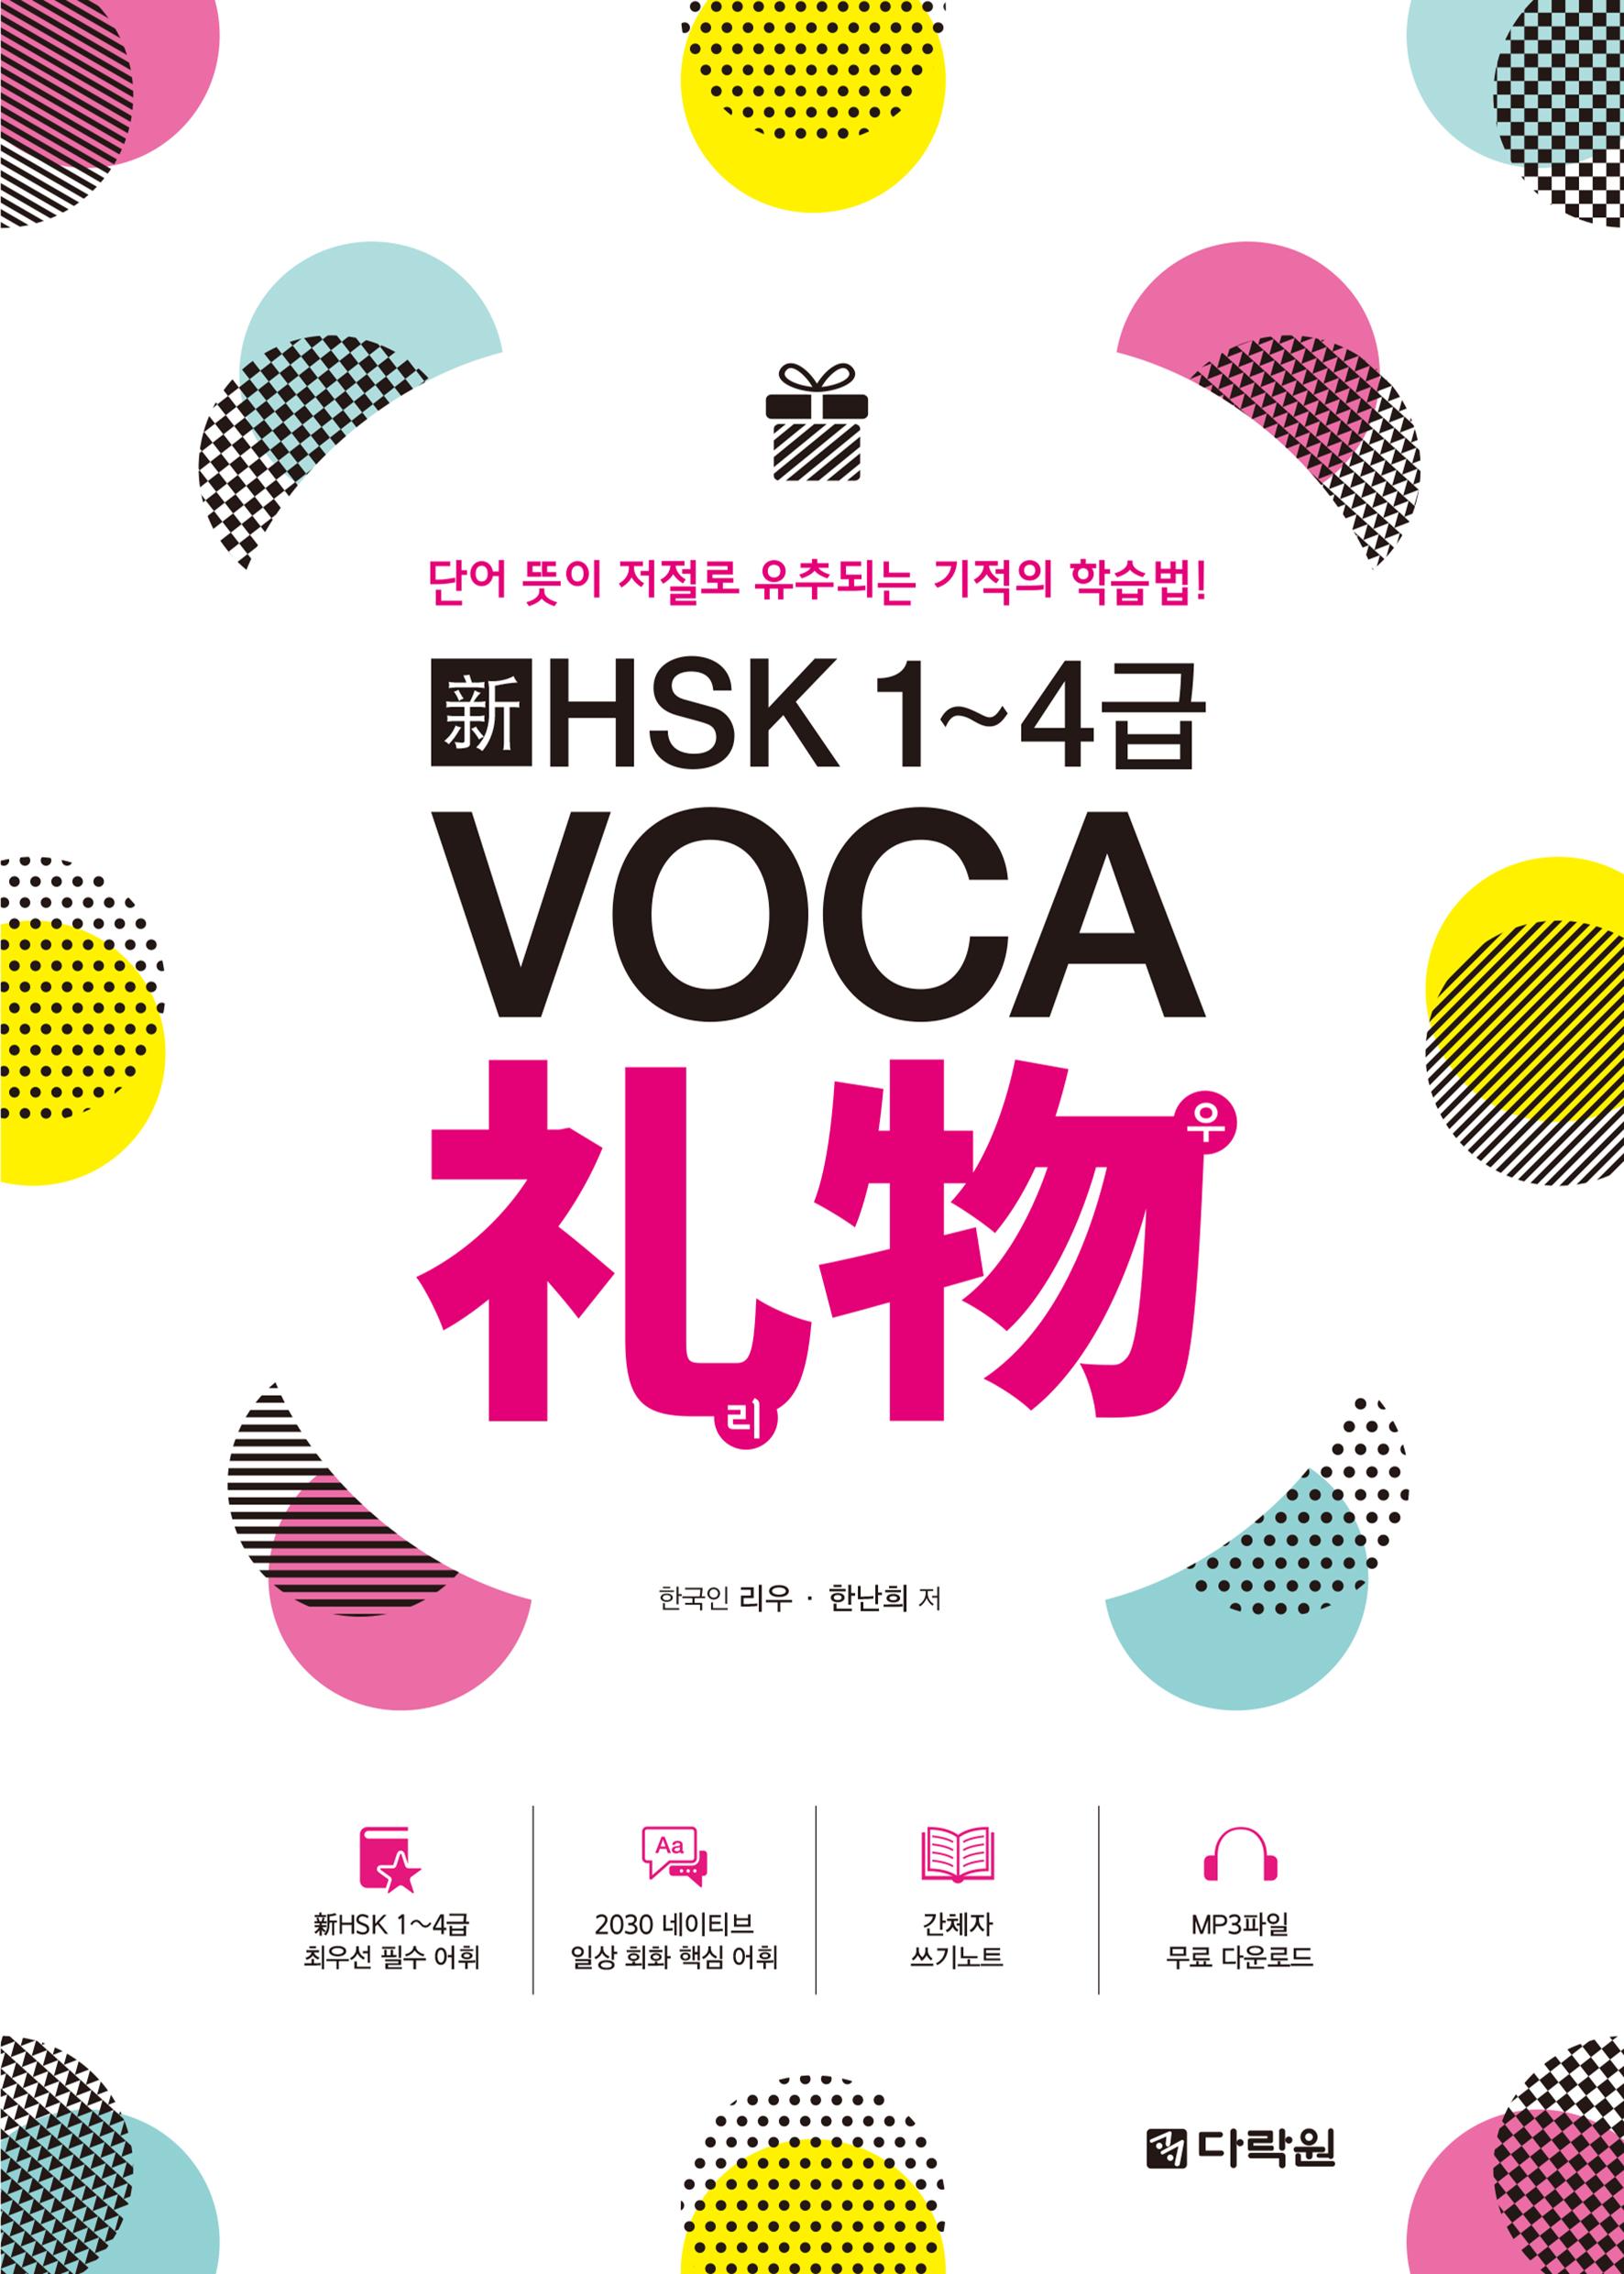 新HSK 1~4급 VOCA 리우 : 단어 뜻이 저절로 유추되는 기적의 학습법!